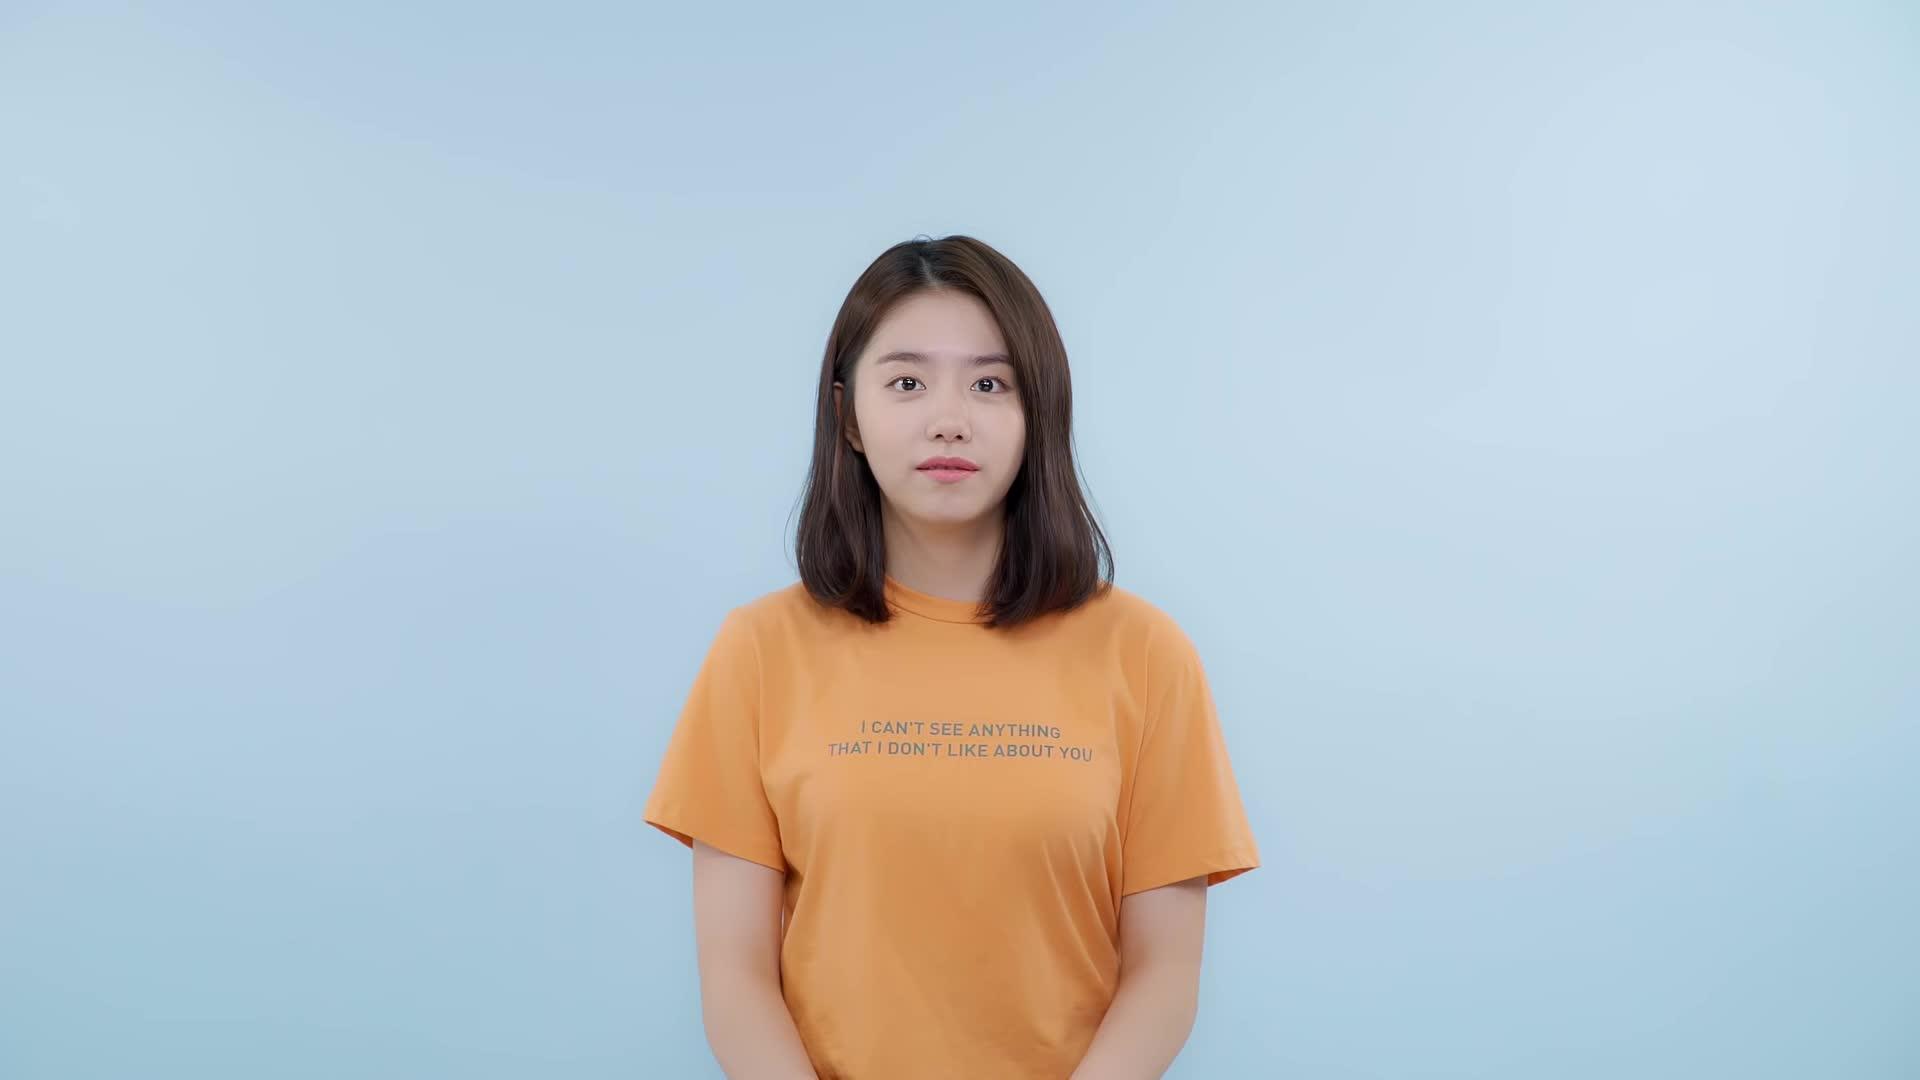 김소혜, 연애를 안 하면 불행한가요? [연애 강요하는 사회] EP.1, Sohye Shrug  GIFs